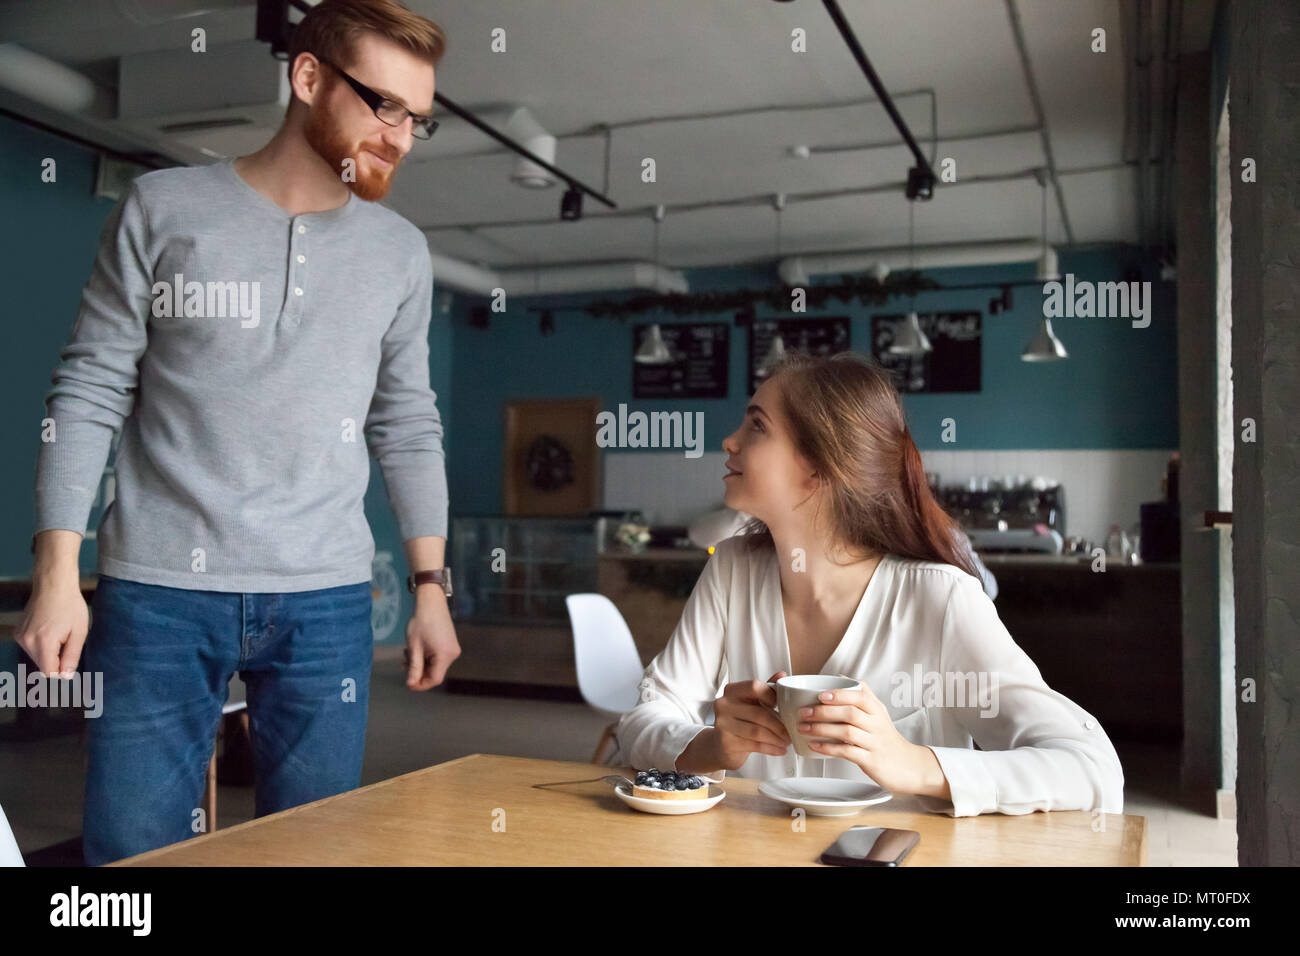 L'homme venant de cafe table se familiariser avec belle femme Photo Stock